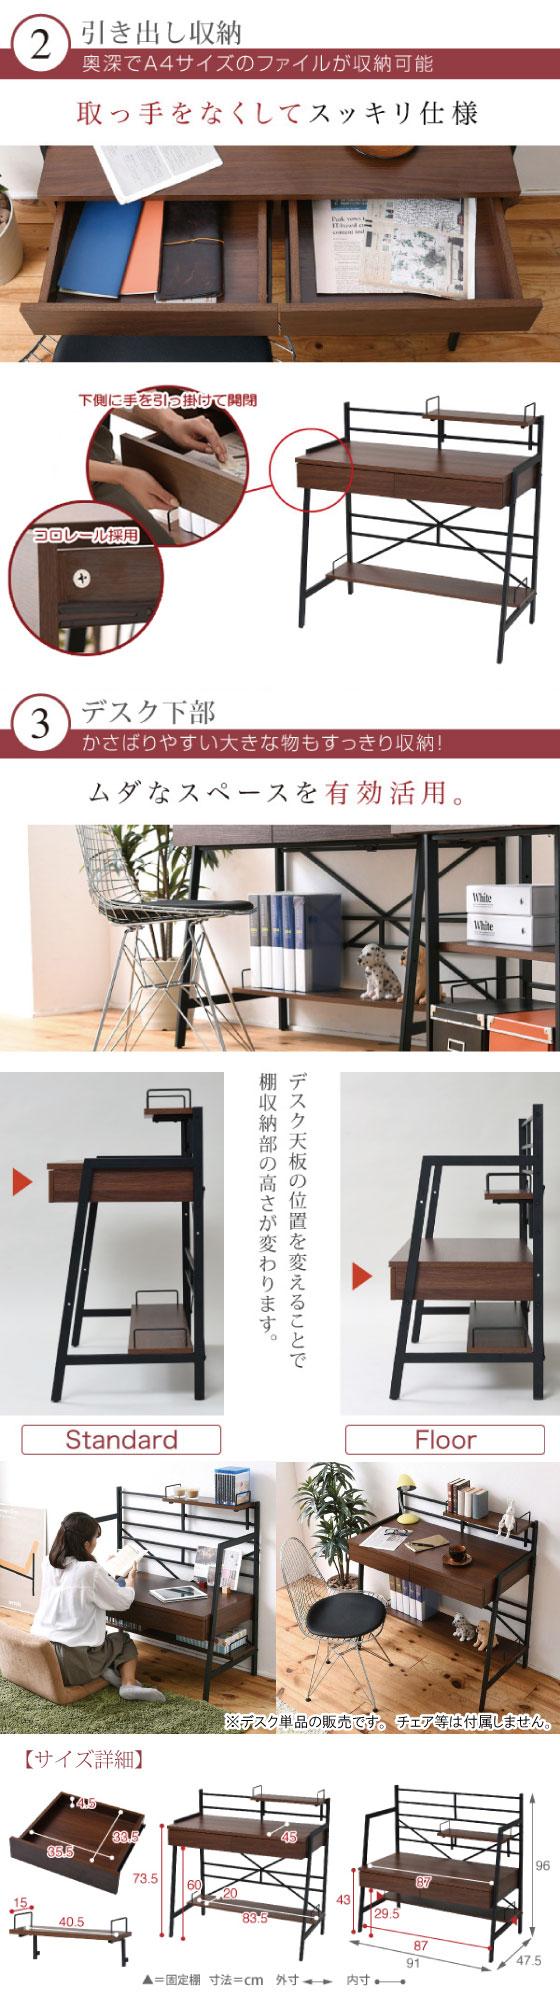 2段階で高さ調節可能!ロータイプPCデスク(幅91cm)